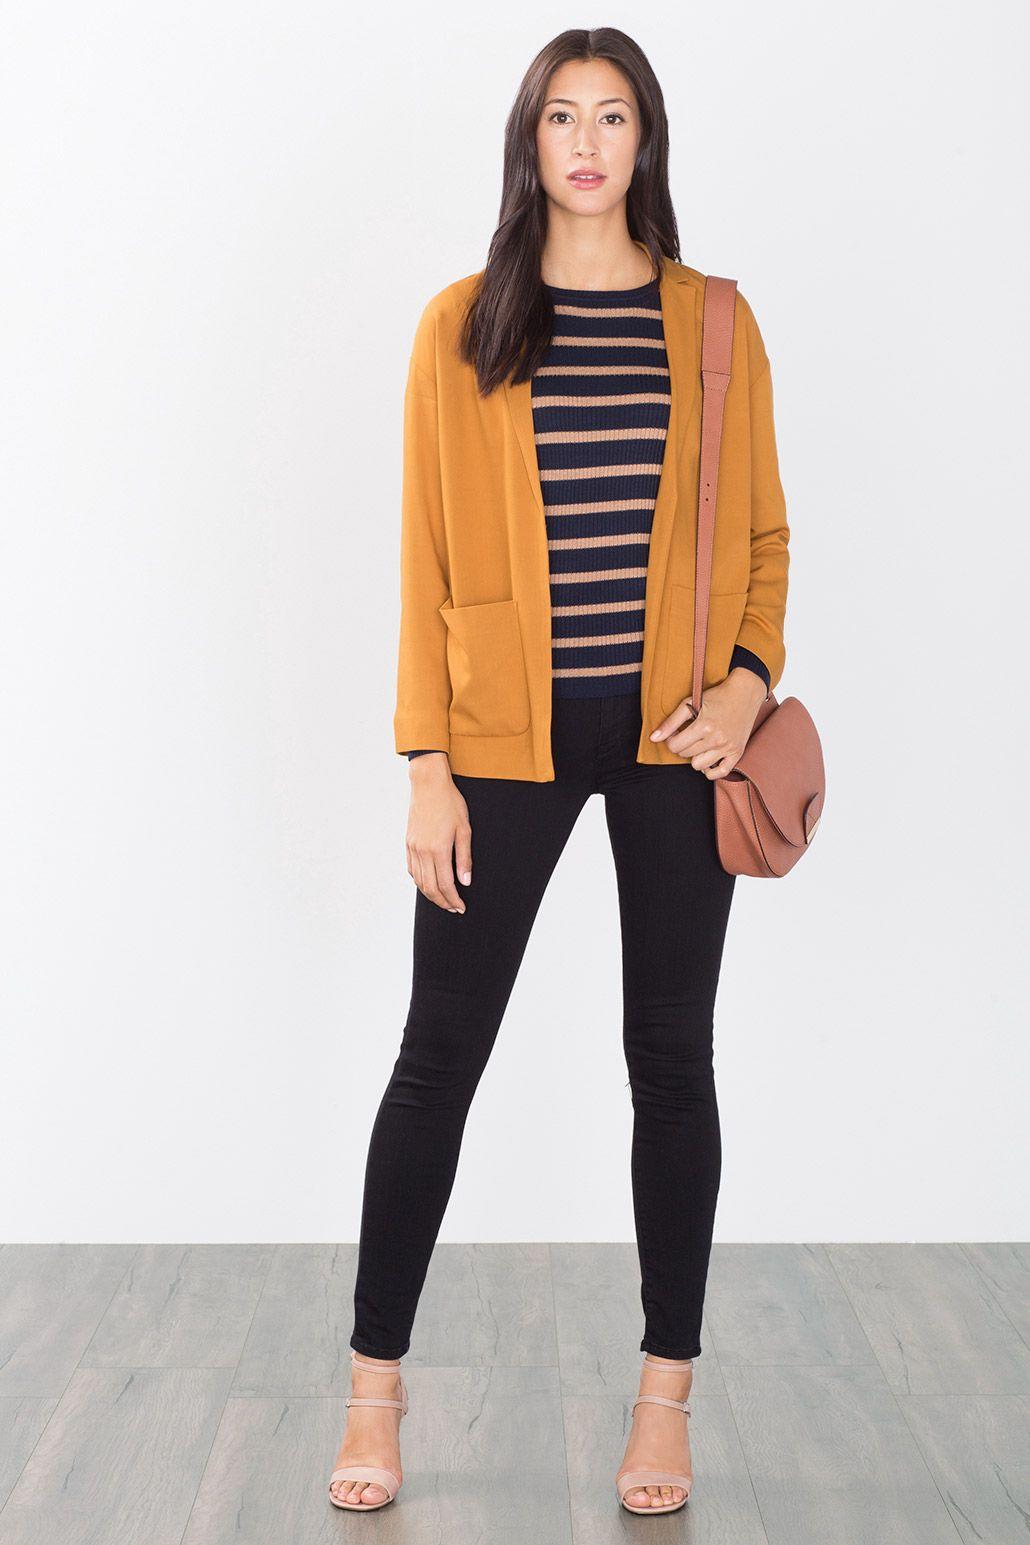 Schöner #Blazer in #Gelb mit aufgesetzten #Taschen von #Esprit. ♥ ab 79,99 €